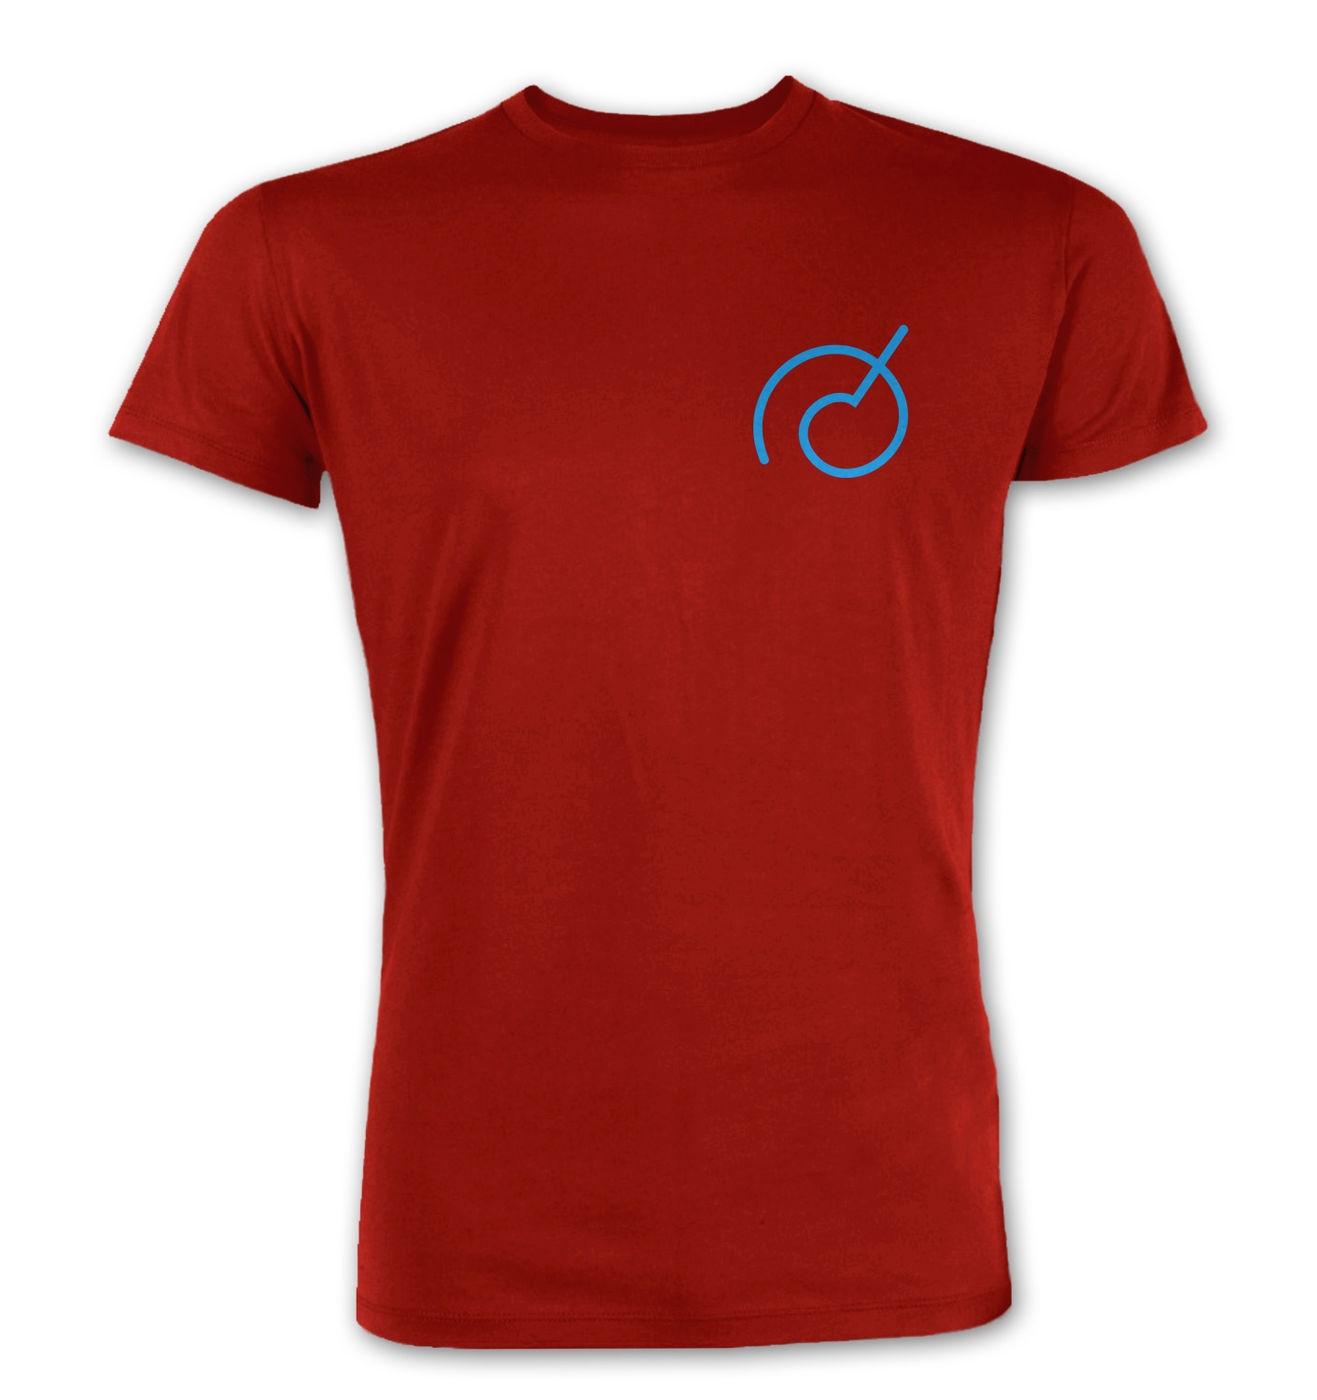 Saiyan Warrior premium t-shirt by Something Geeky